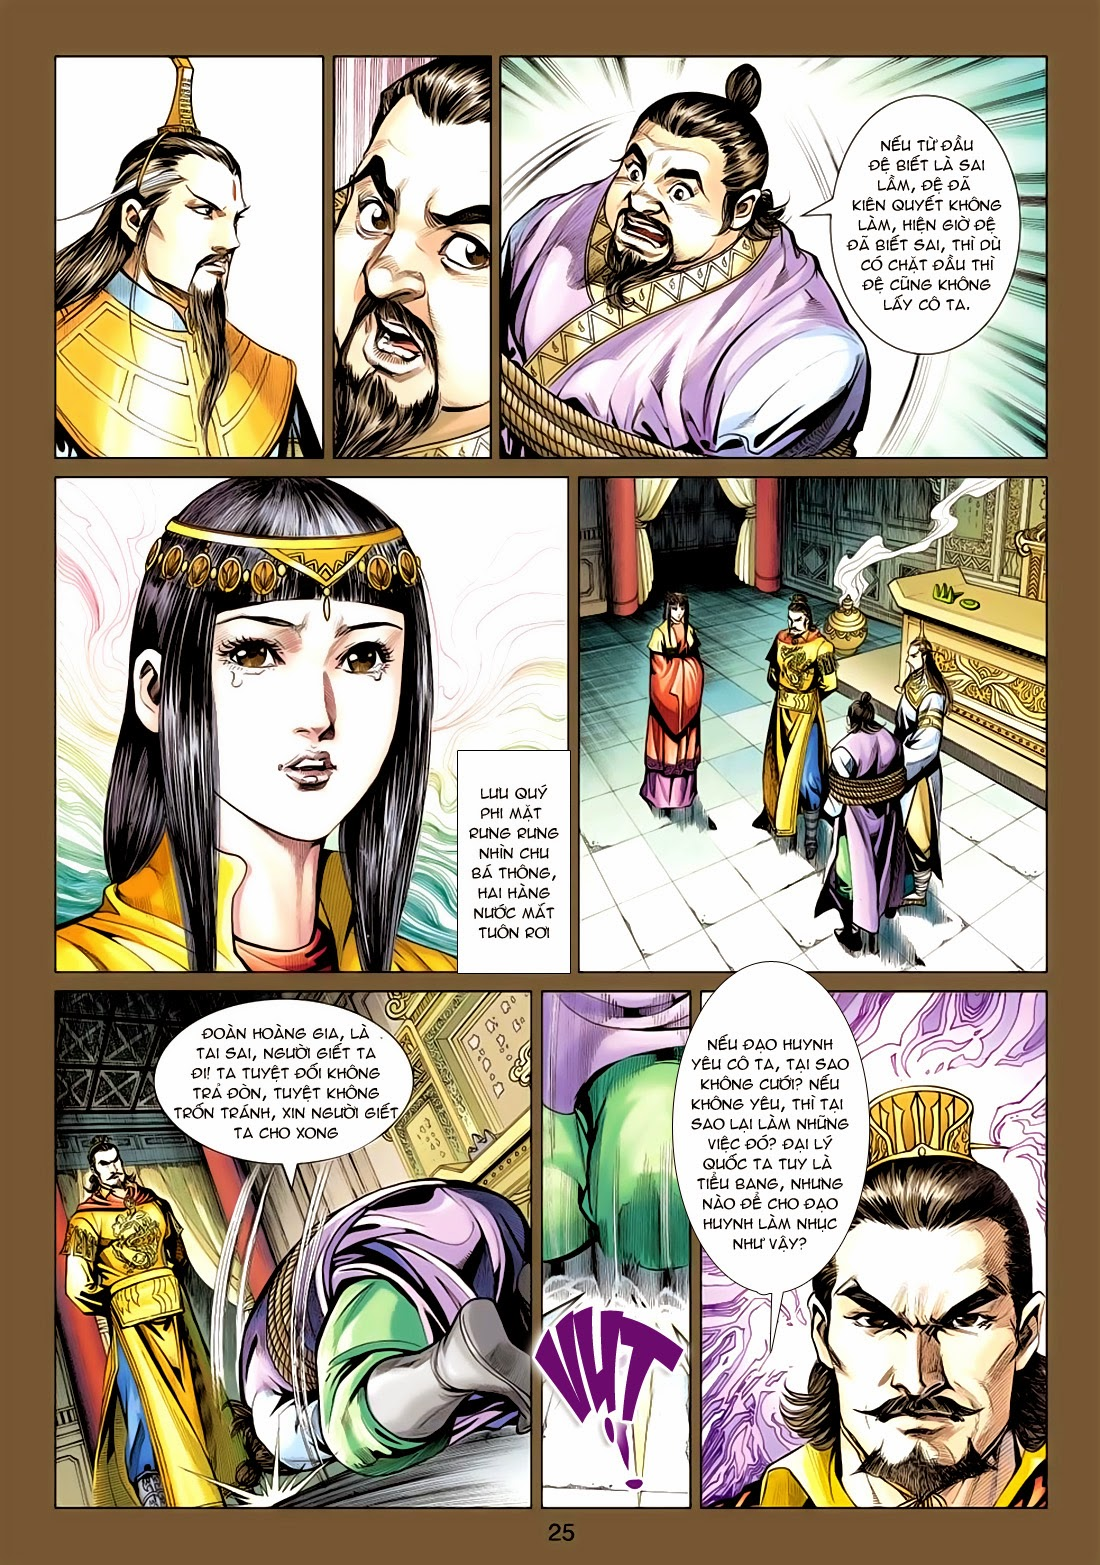 Anh Hùng Xạ Điêu anh hùng xạ đêu chap 77: thế thượng tối cường võ công trang 25